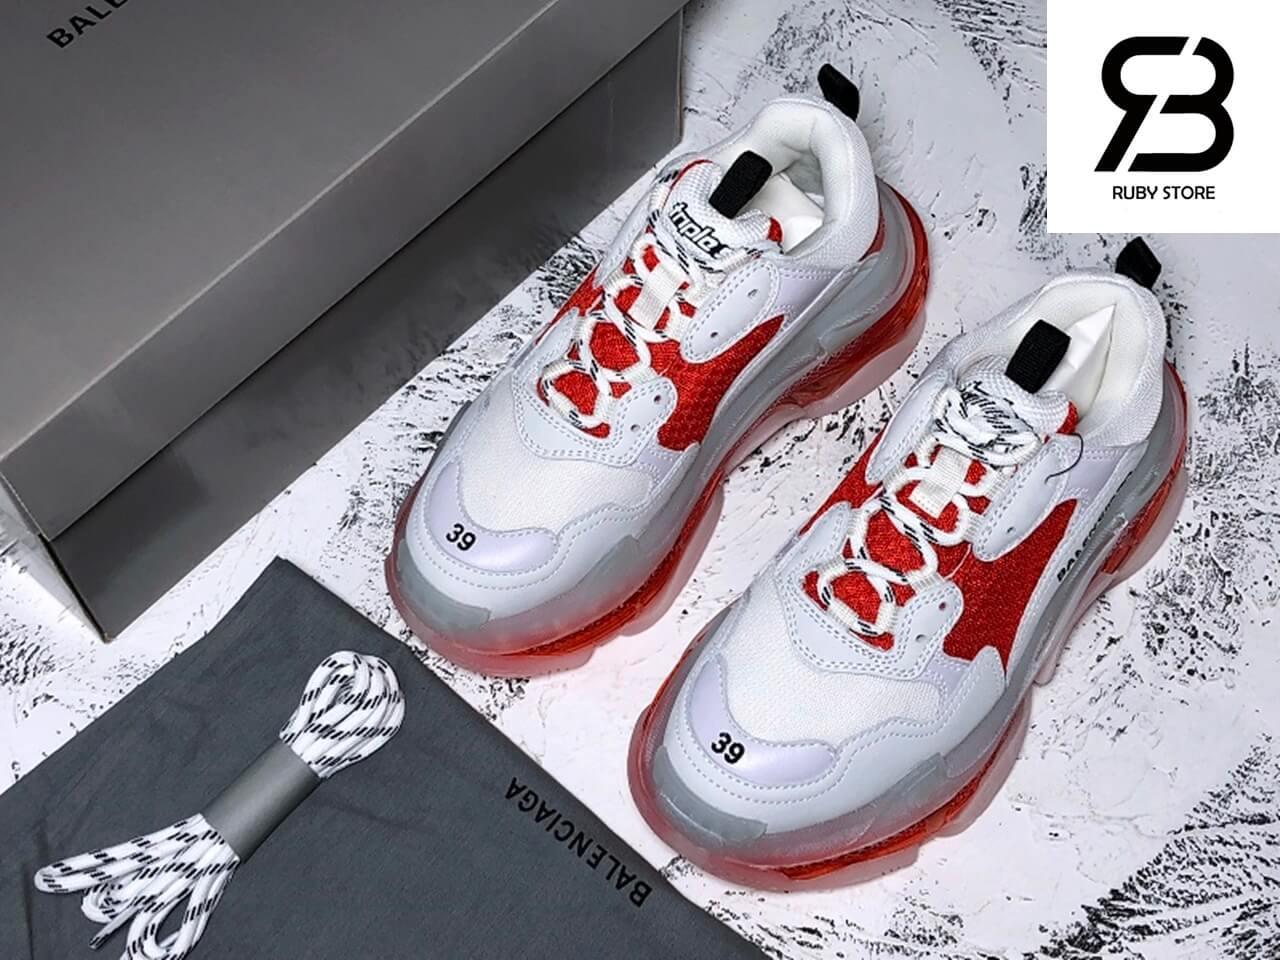 giày balenciaga triple s clear sole white red replica 1:1 siêu cấp